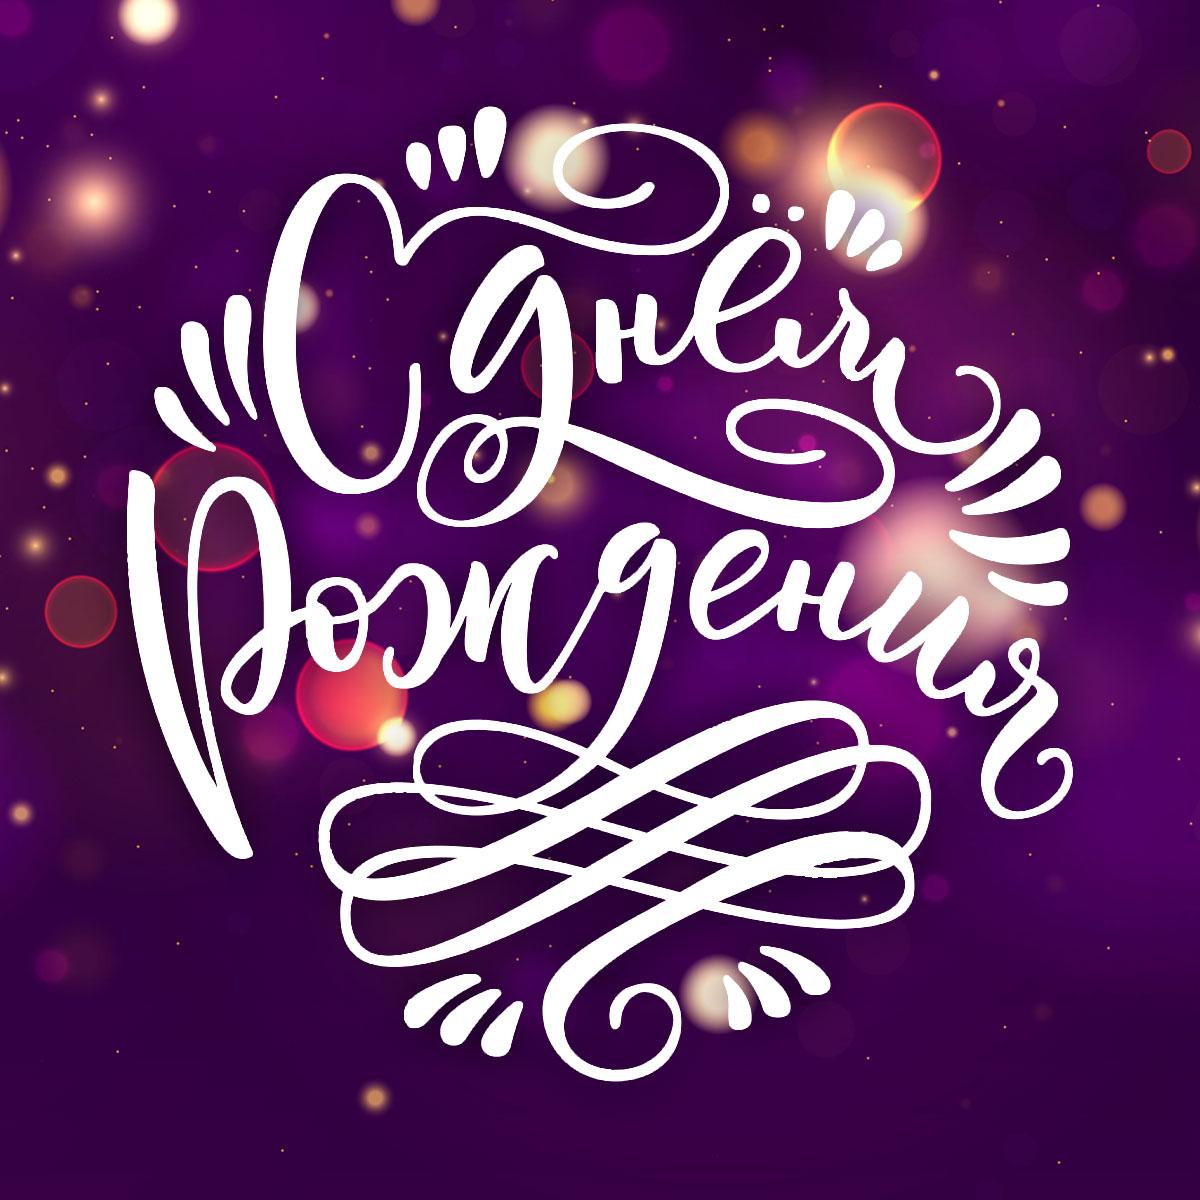 Картинка с каллиграфическим текстом: праздничная открытка с днем рождения на пурпурном фоне с круглыми светящимися бликами.